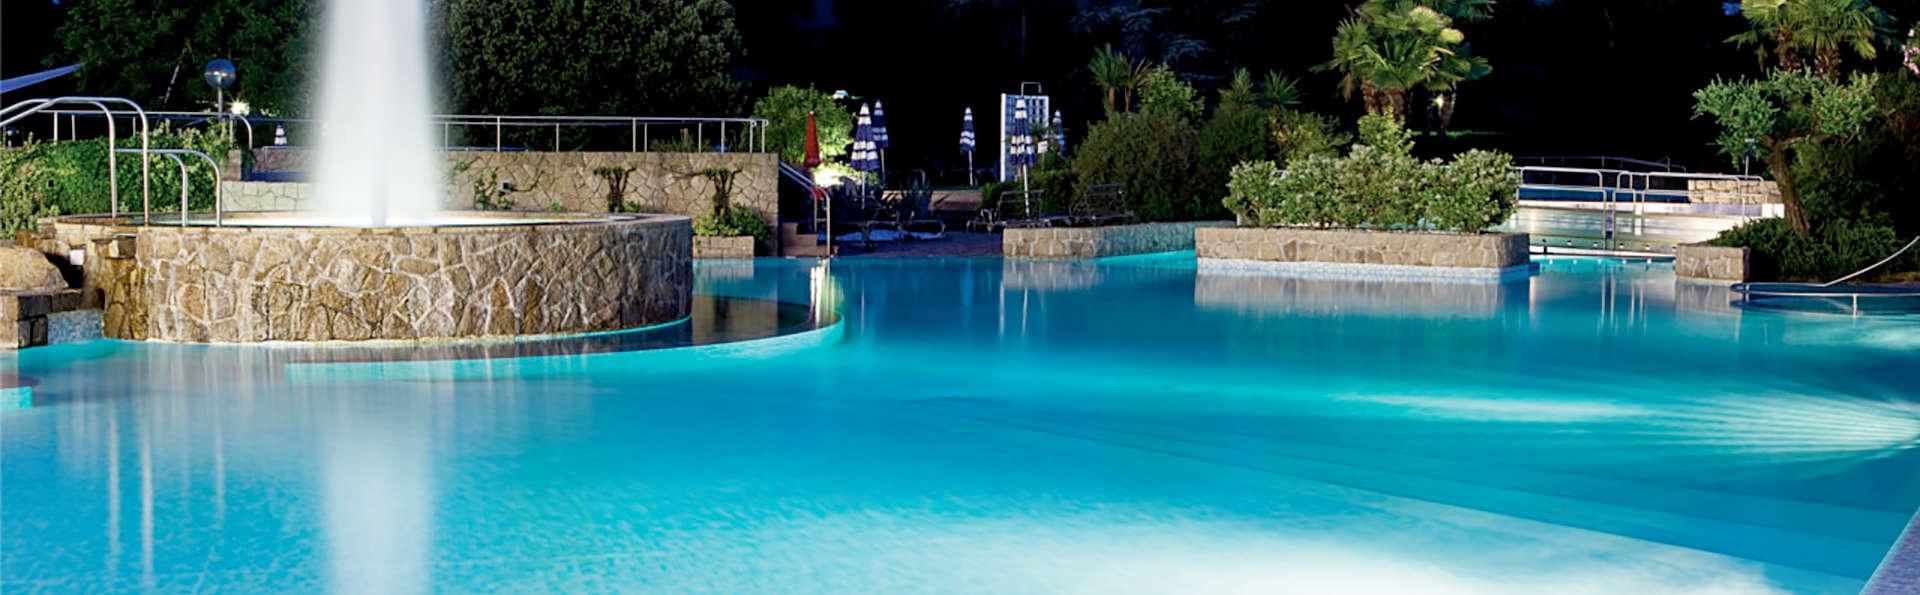 Terme e relax nel verde dei Colli Euganei a Galzignano Terme